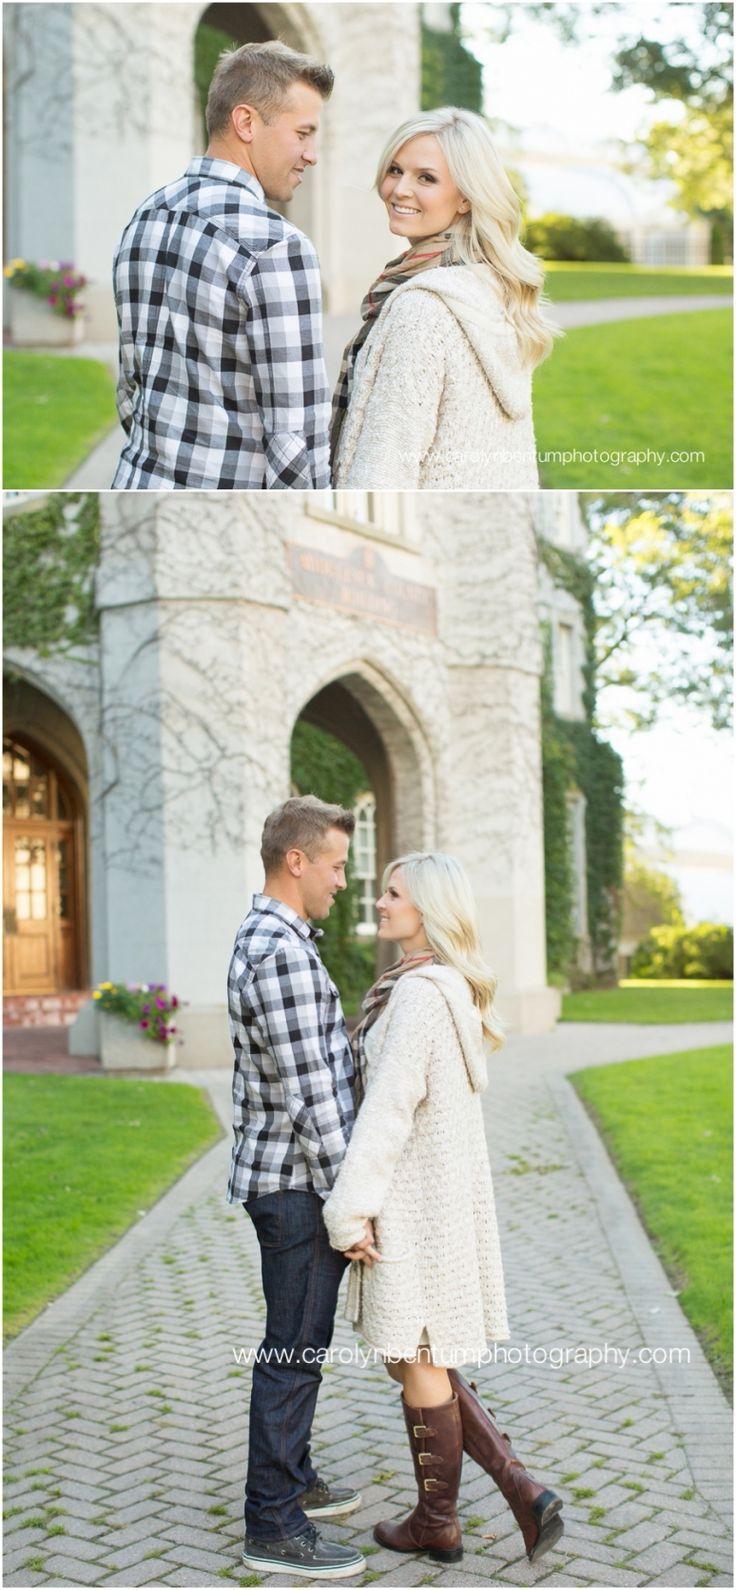 Erik & Ewelina are Getting Married – London, Ontario Wedding Photographer » Carolyn Bentum Photography